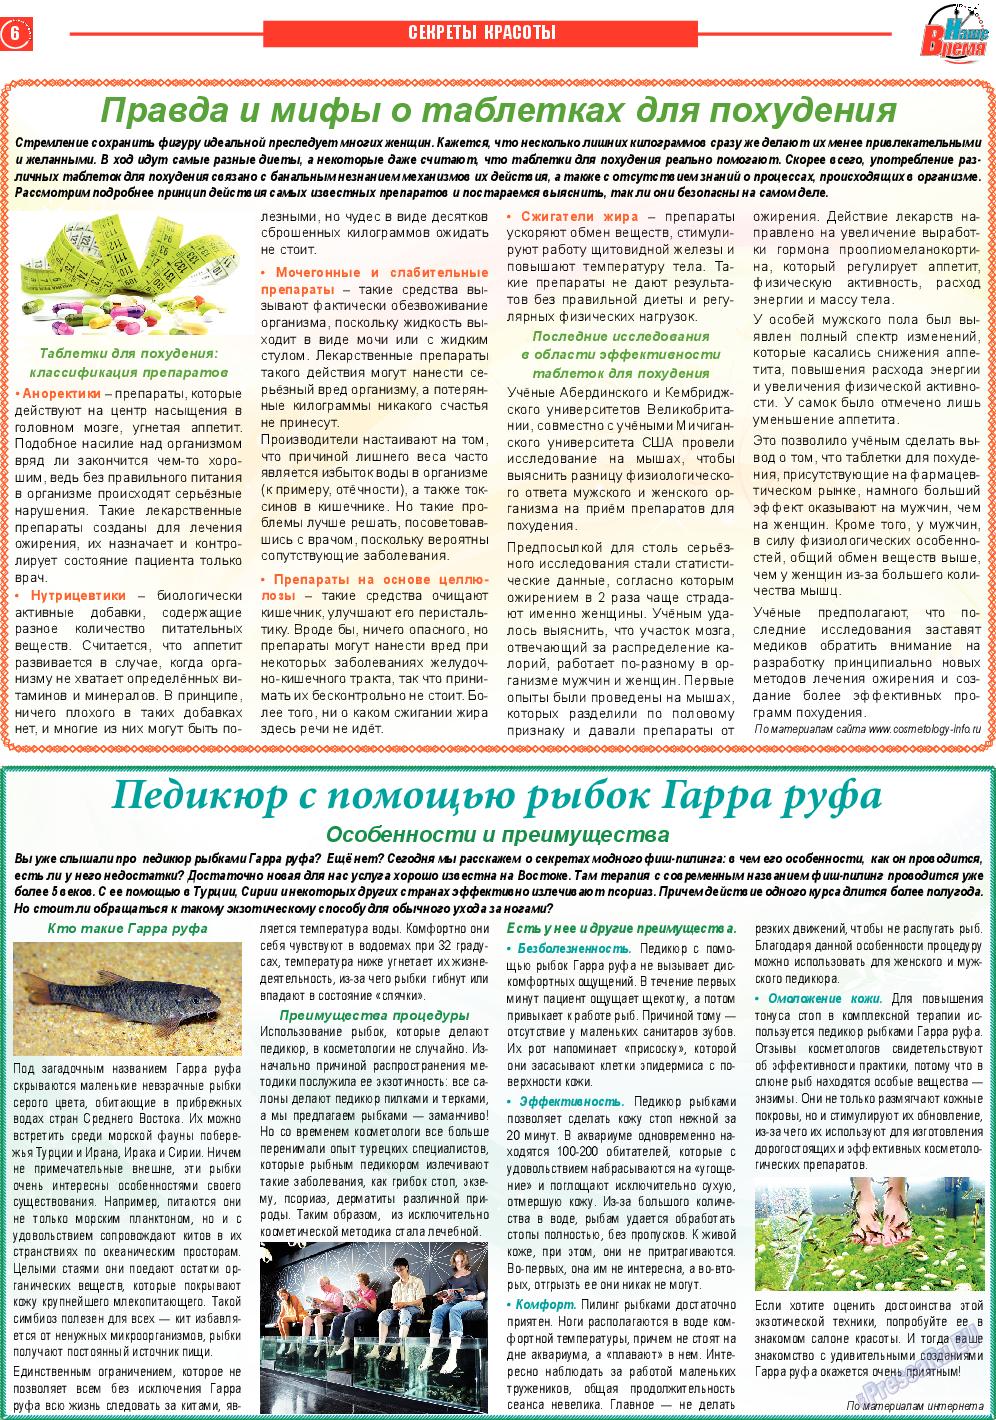 Наше время (газета). 2018 год, номер 4, стр. 6